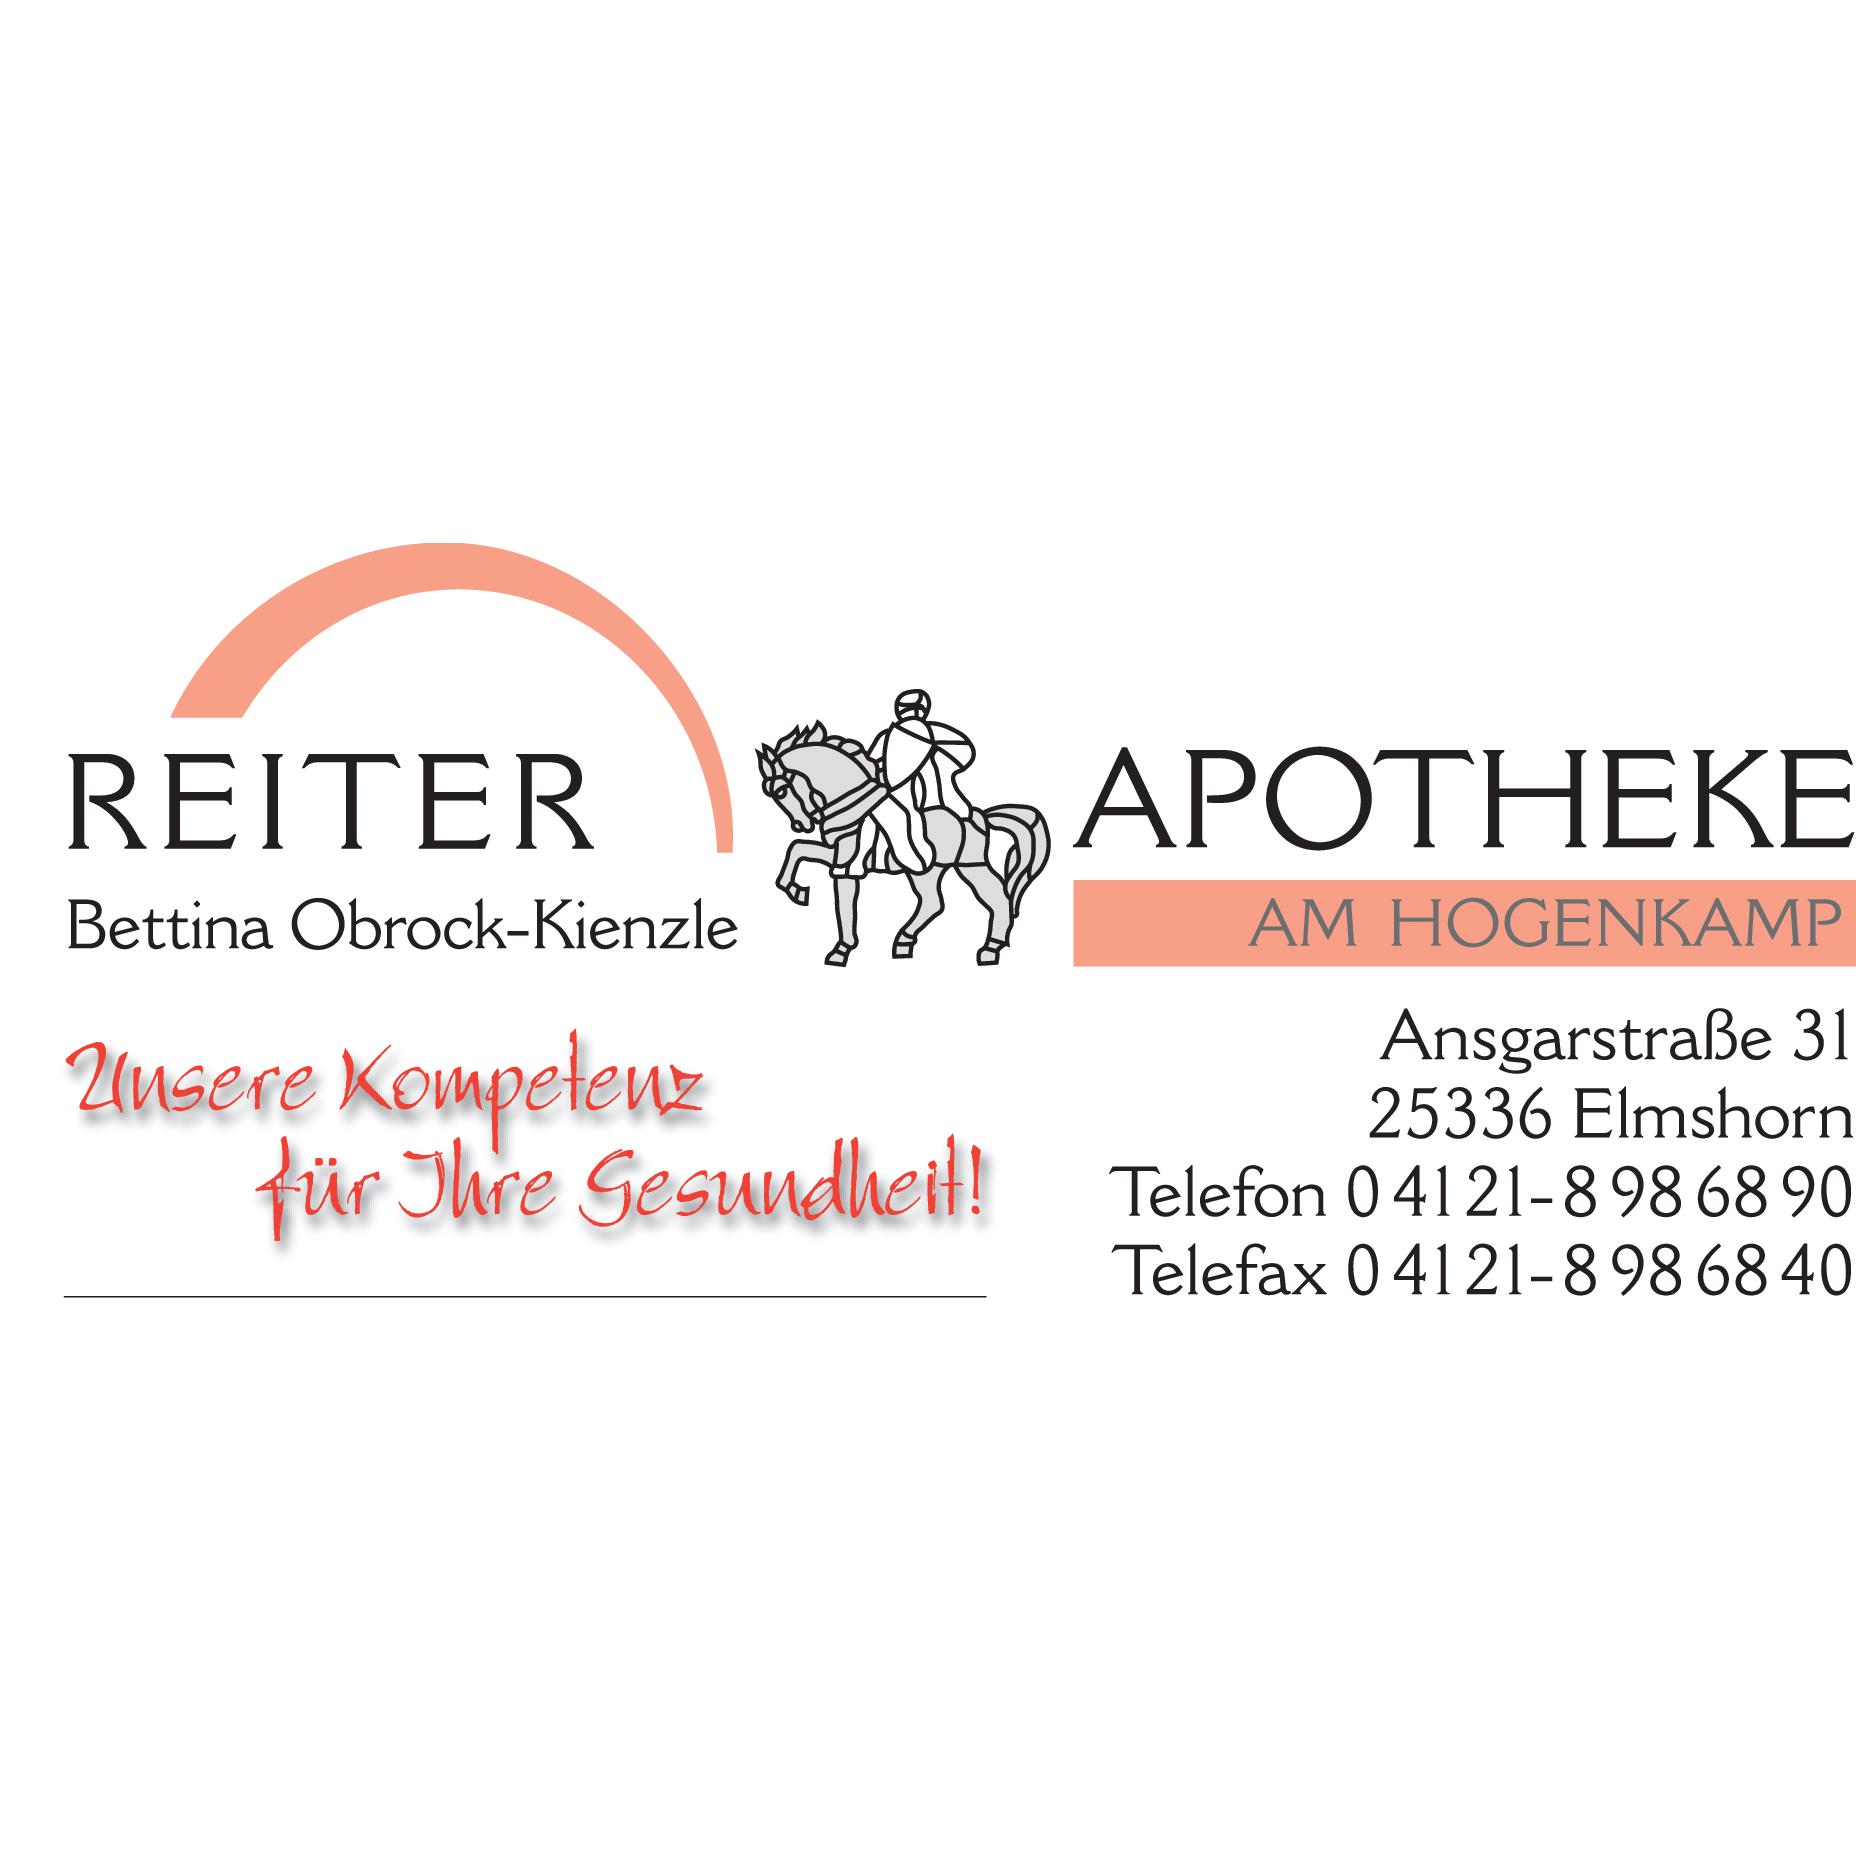 Bild zu Reiter-Apotheke am Hogenkamp in Elmshorn